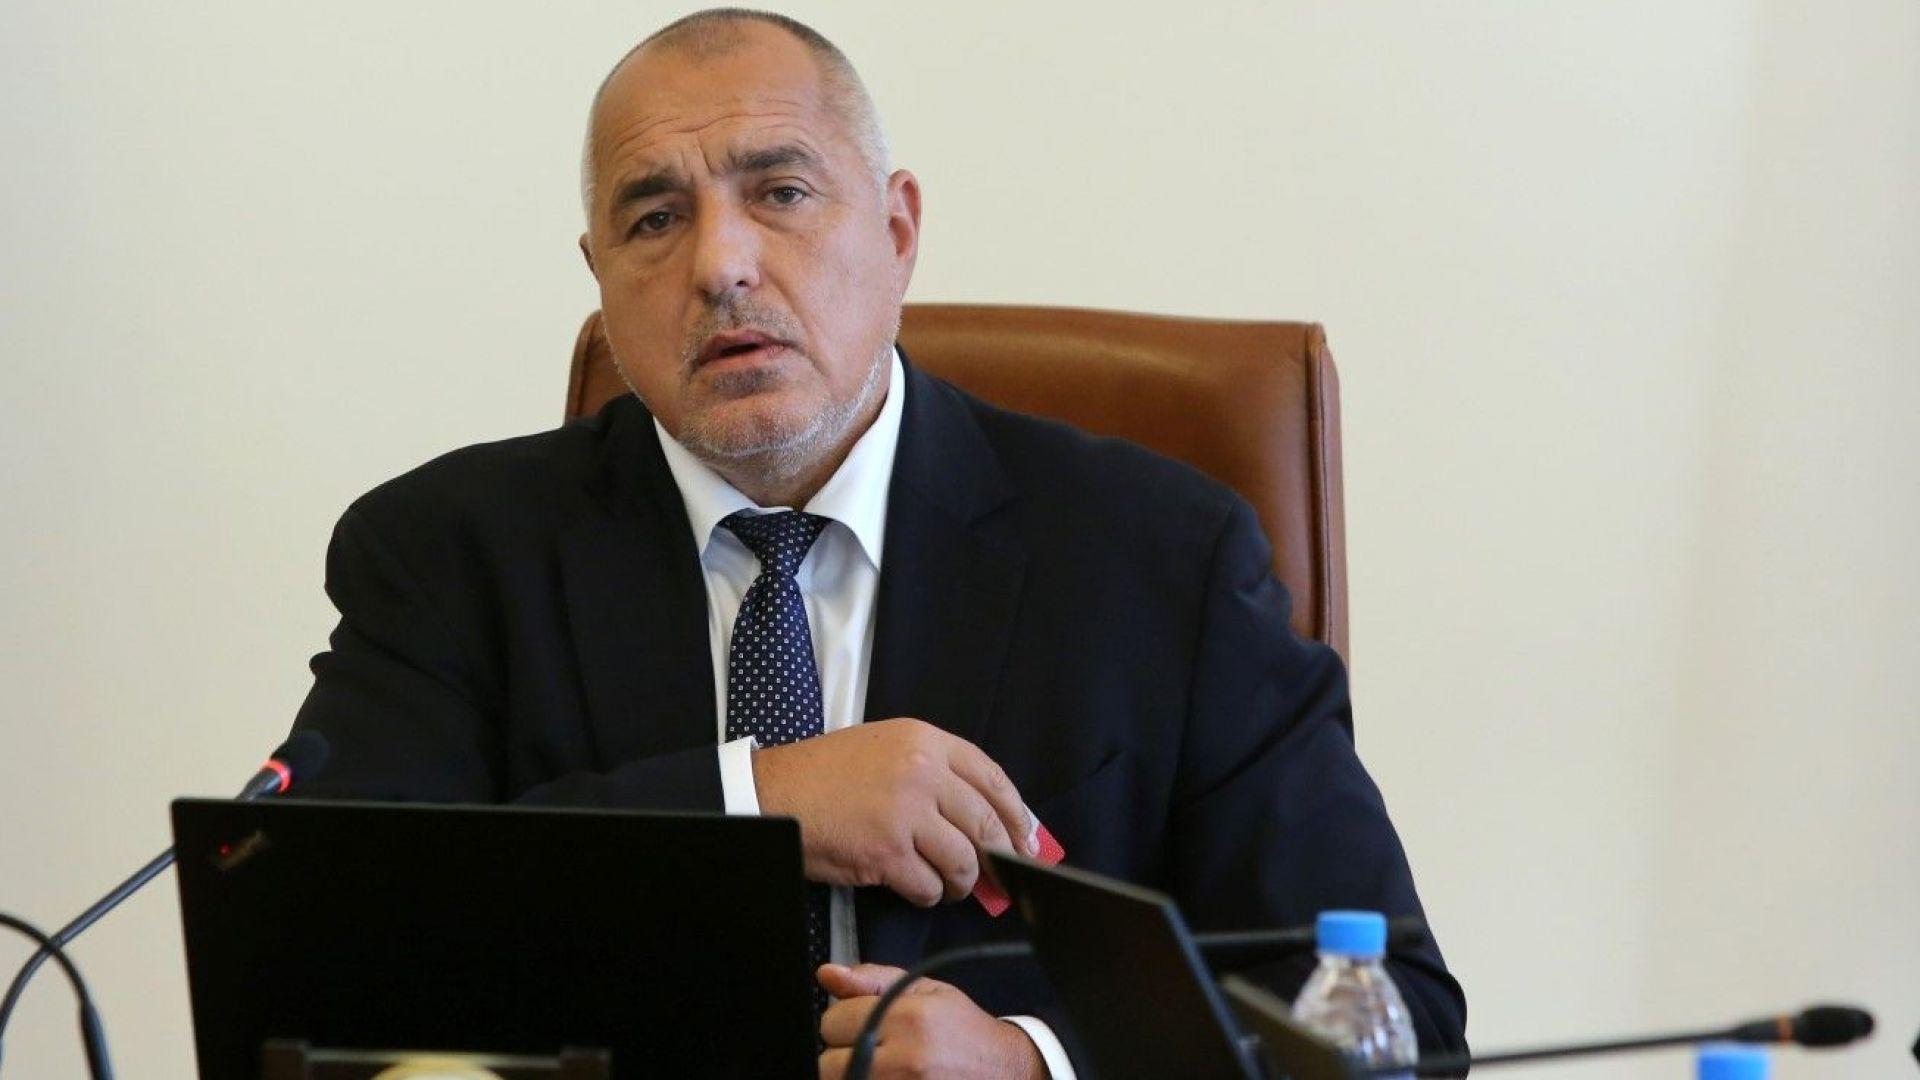 Тревожи ме разделението в обществото Северна Македония по темата Европейски